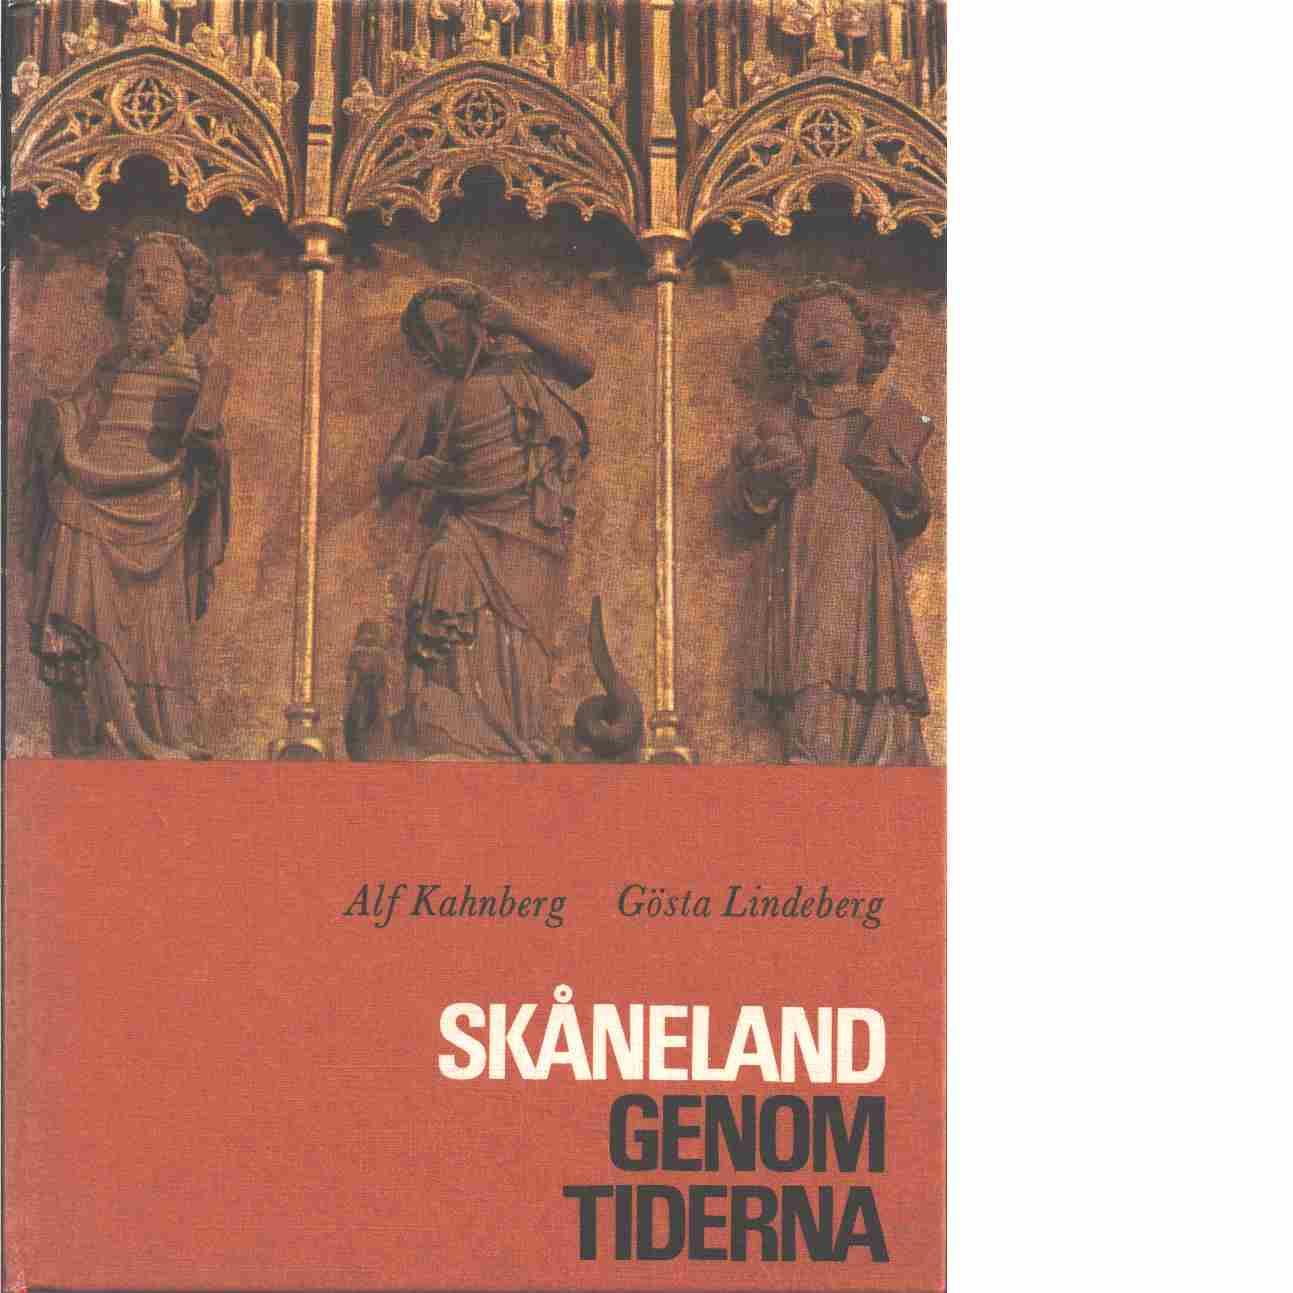 Skåneland genom tiderna  - Kahnberg, Alf och Lindeberg, Gösta